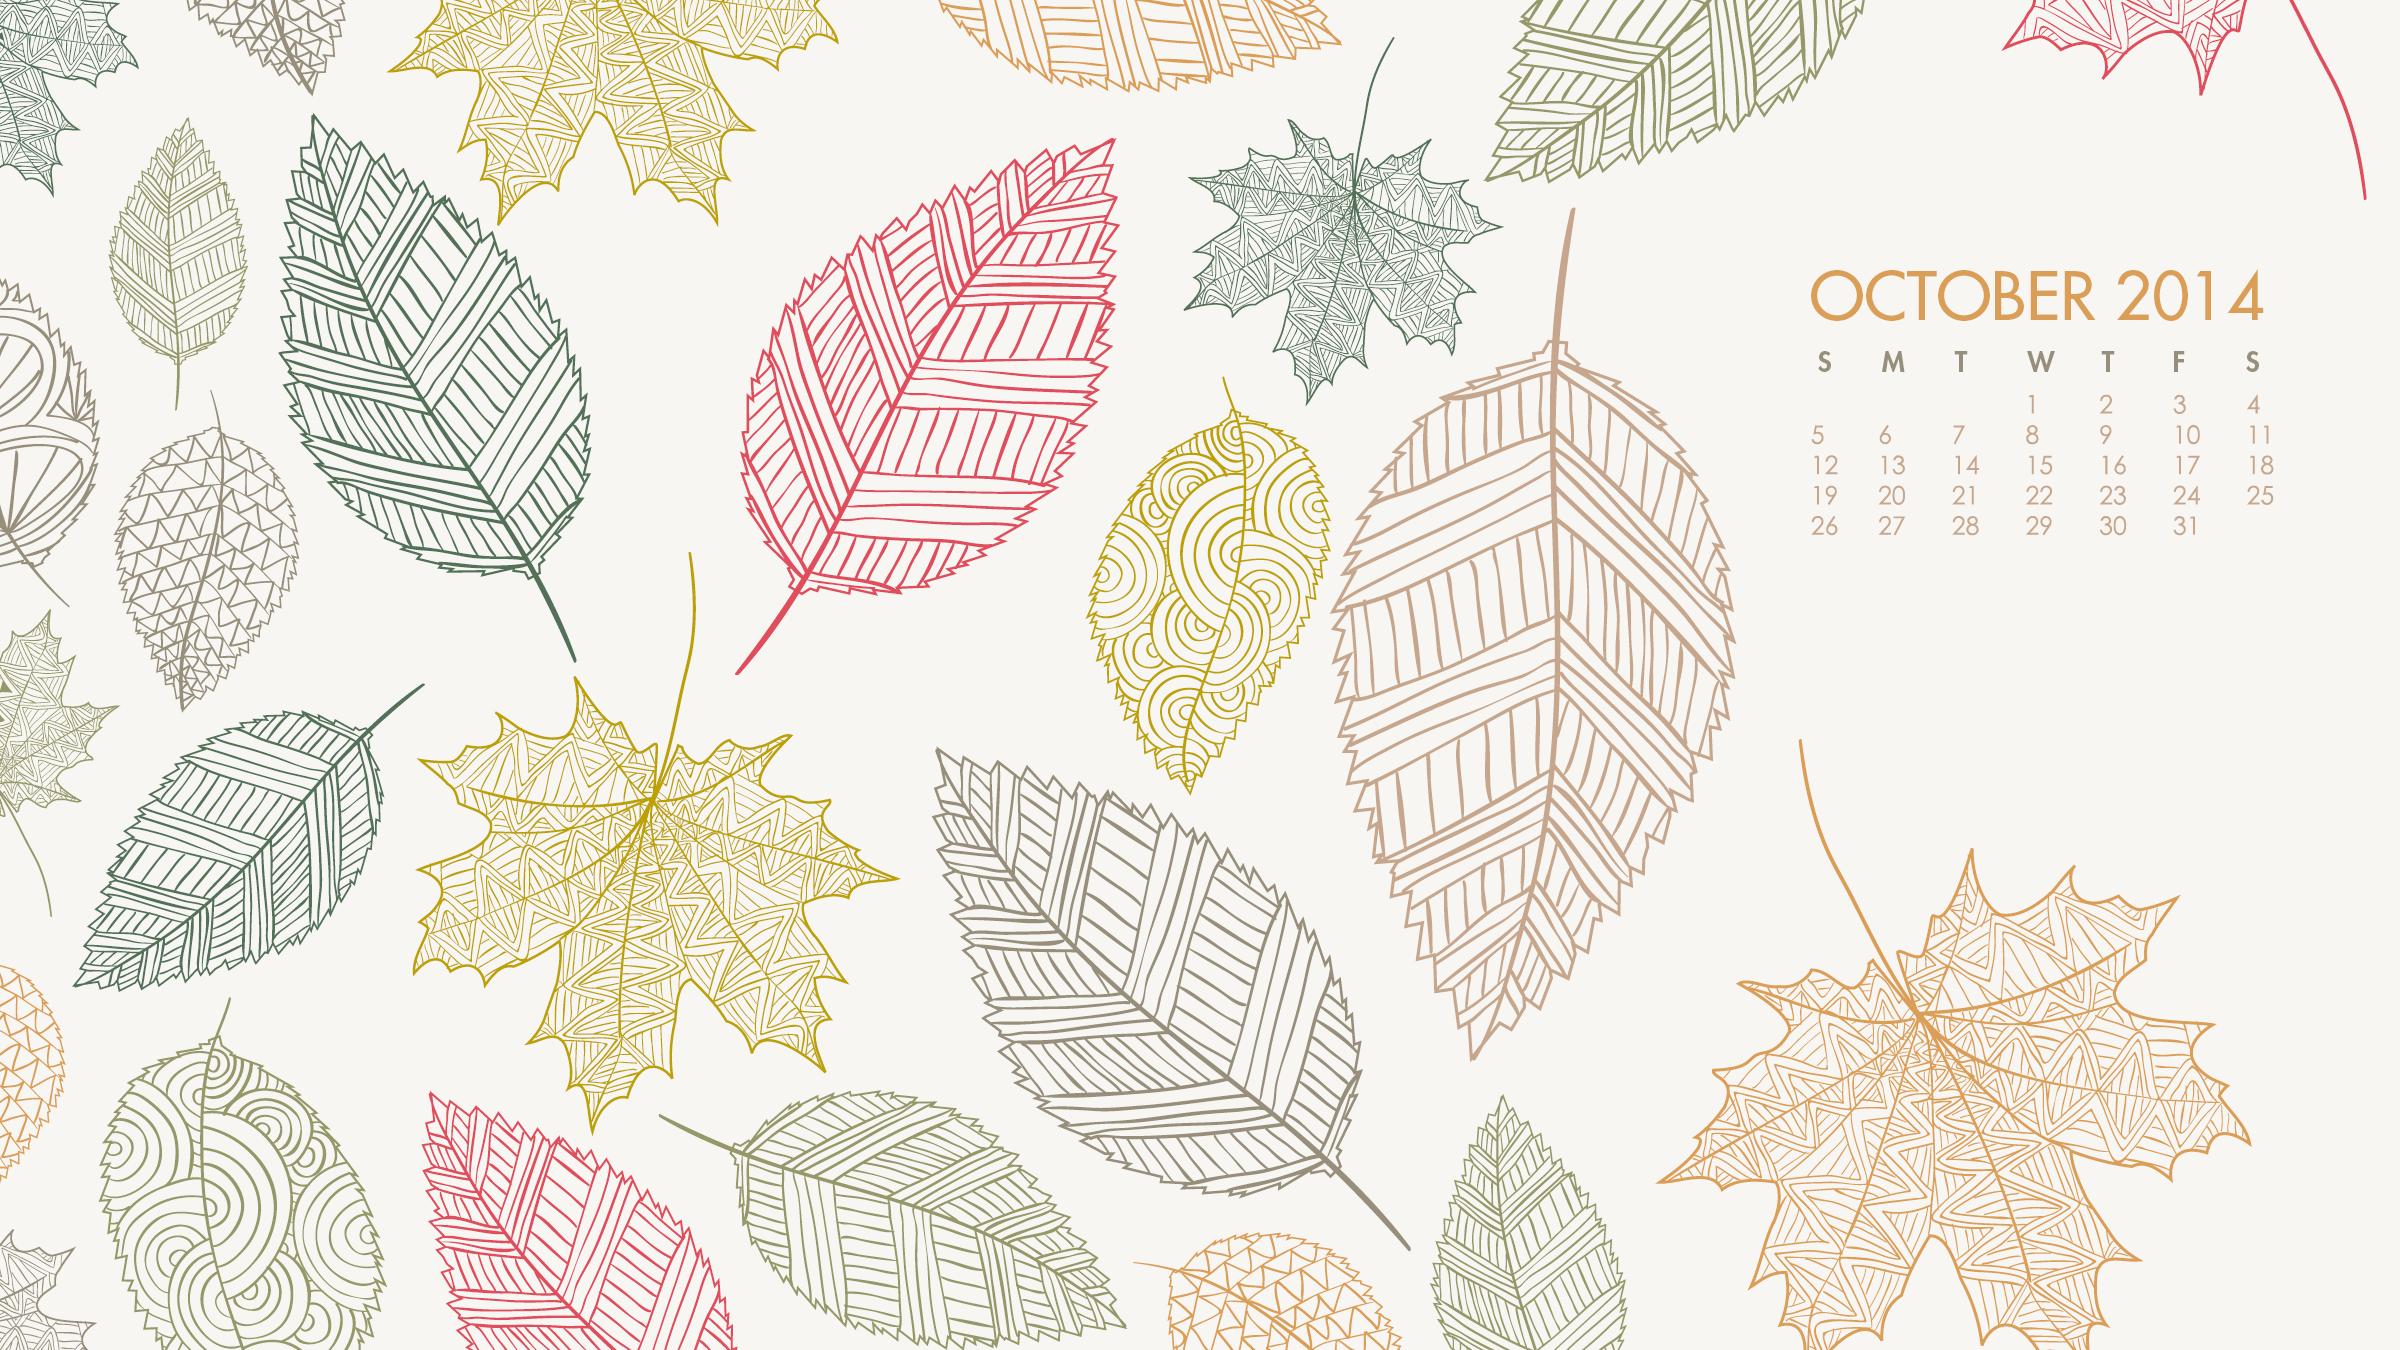 OhSoLovely-OctoberDesktopCalendar-01